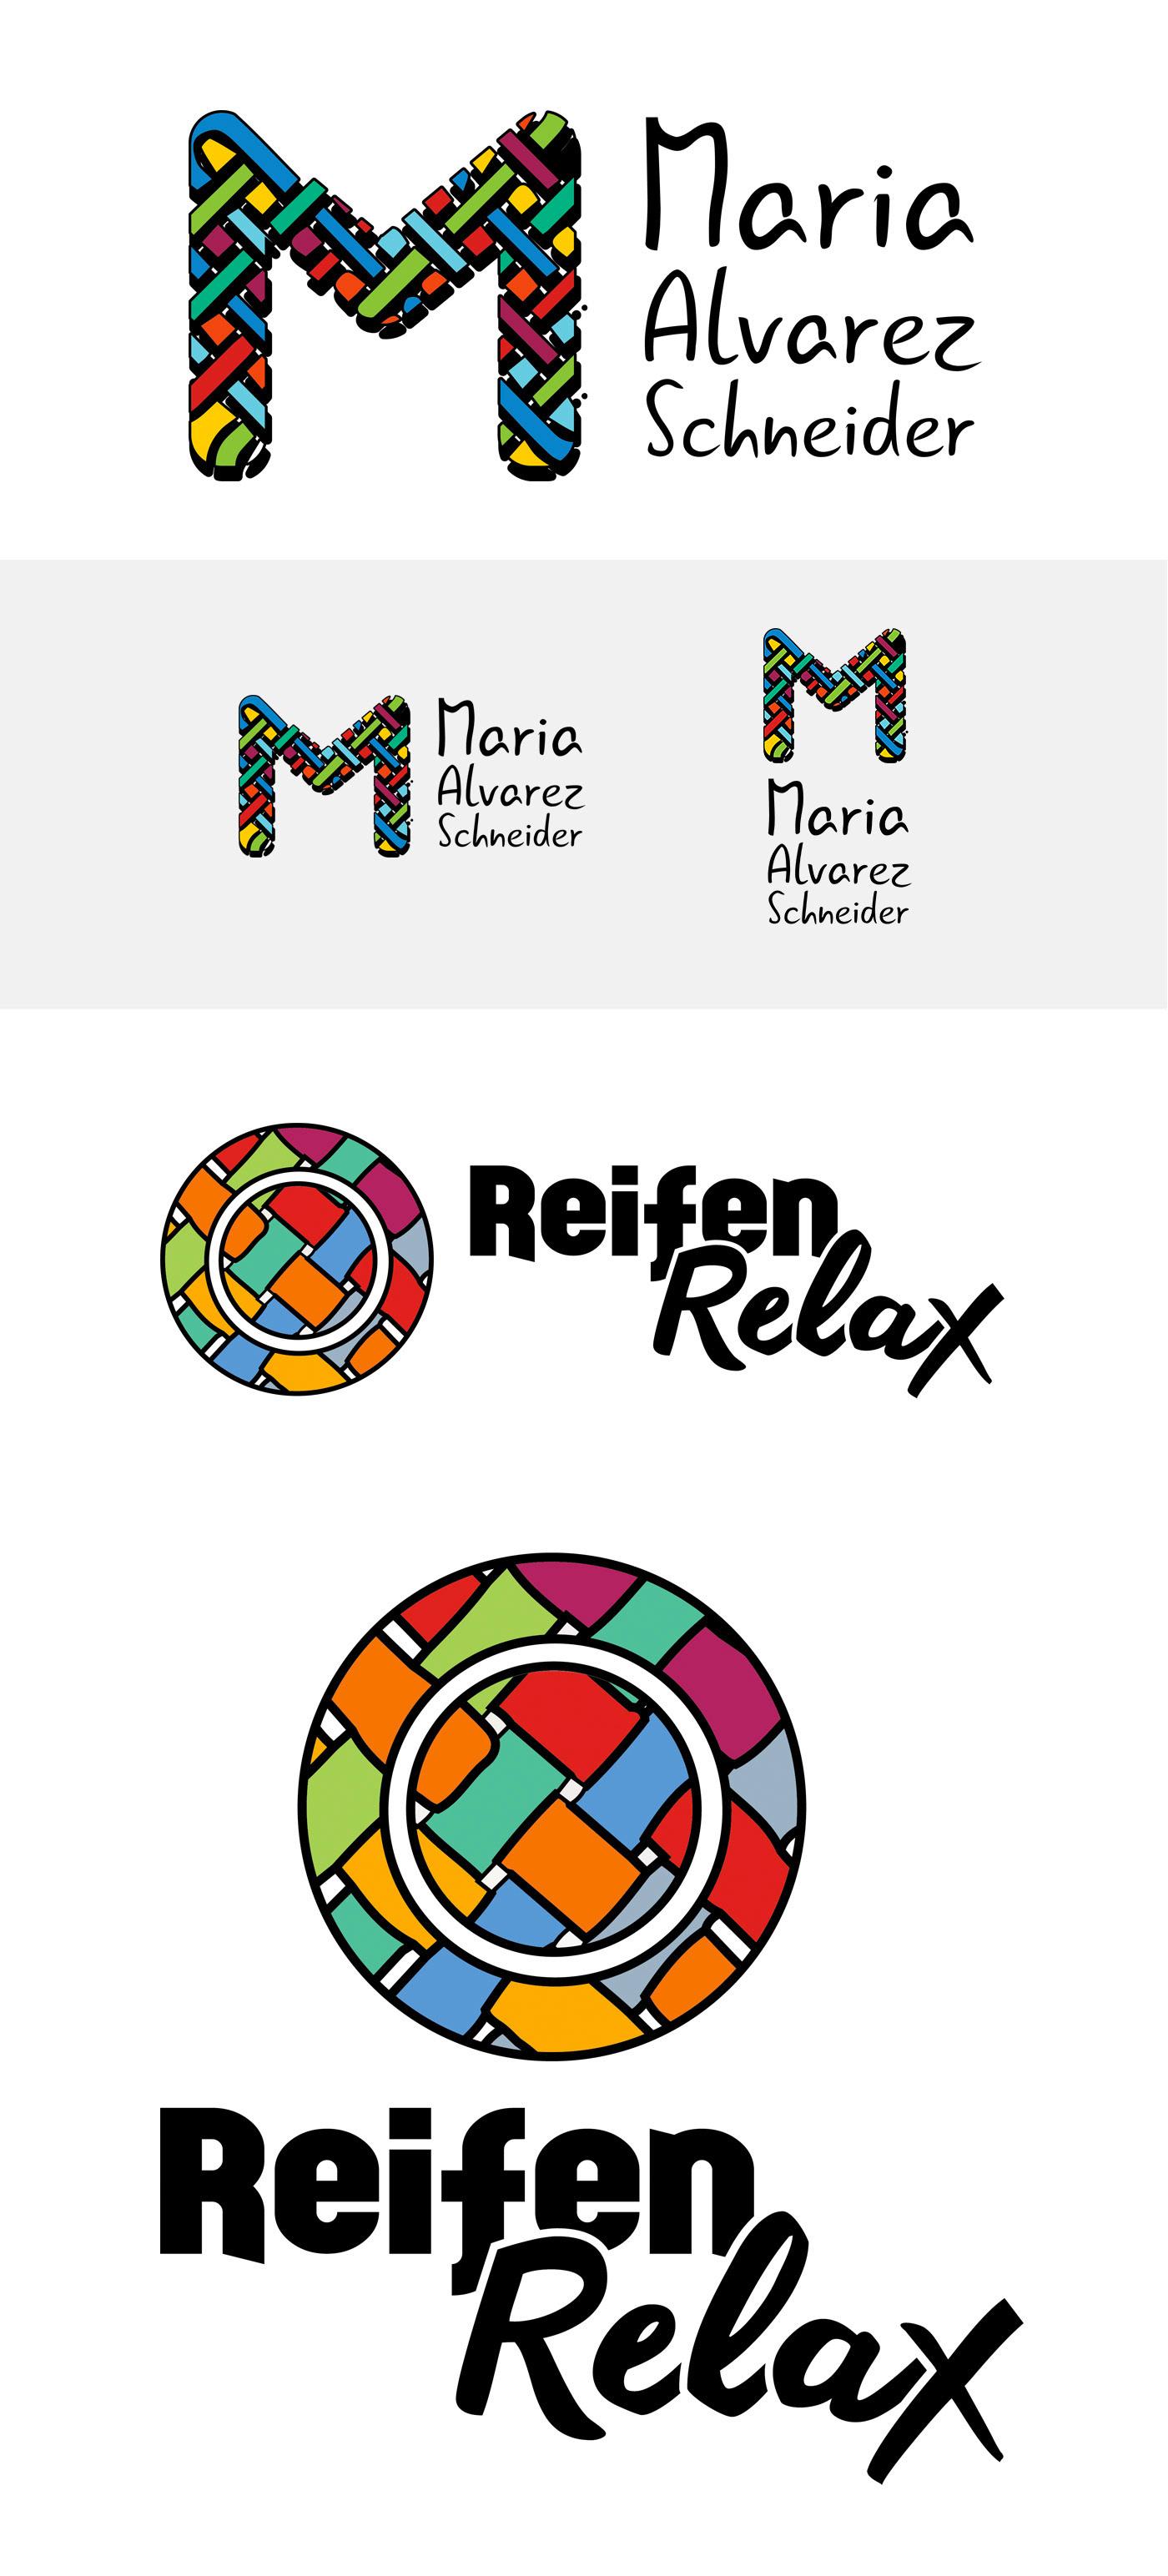 Reifen Relax branding